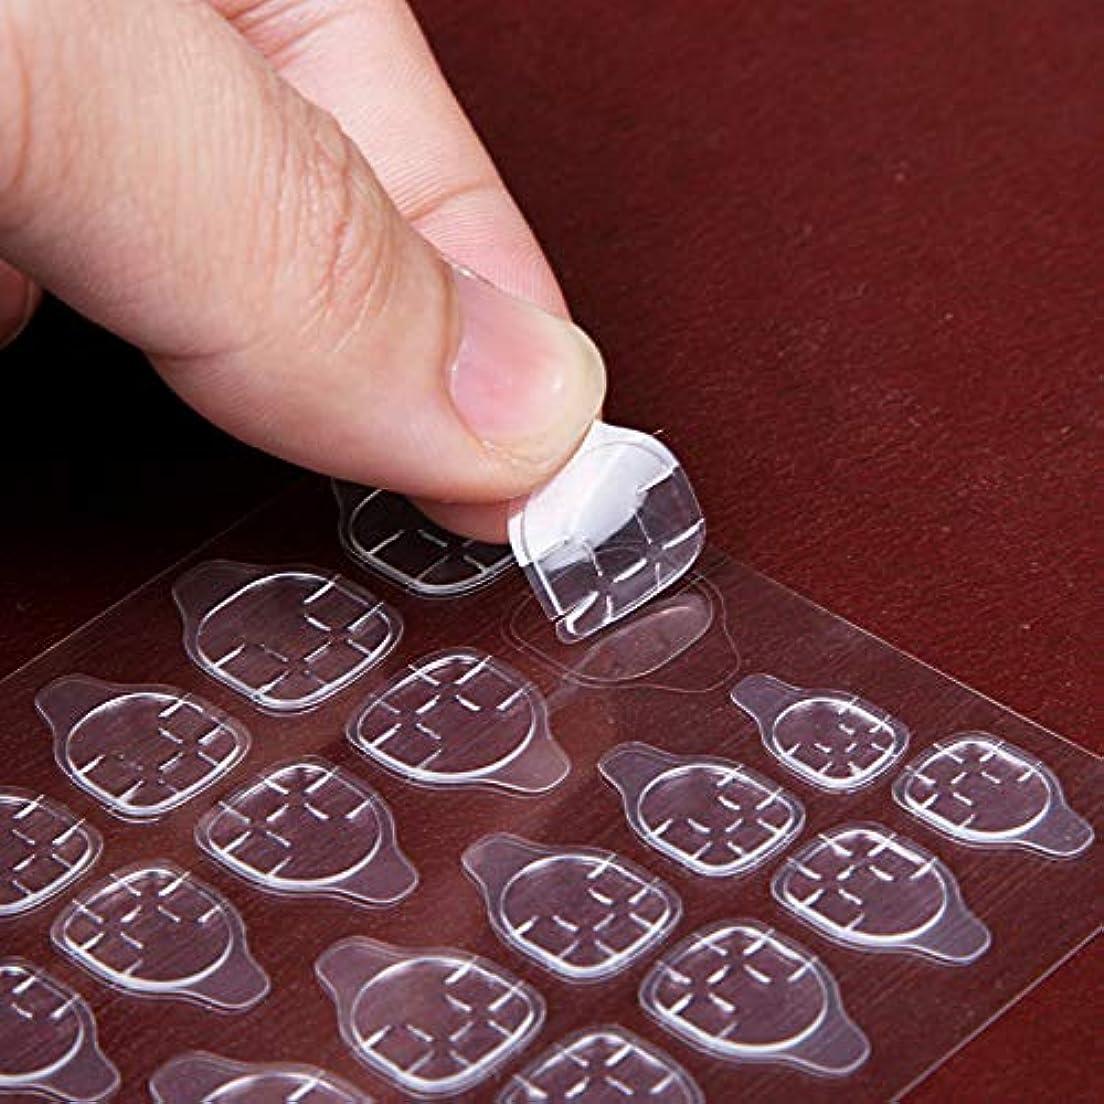 センチメートルイヤホン臨検DC 防水 両面 強い粘着力 マニキュア ネイルチップの 粘着テープ ゲルテープ 透明 ゼリー アイテム ステッカー ネイル接着剤